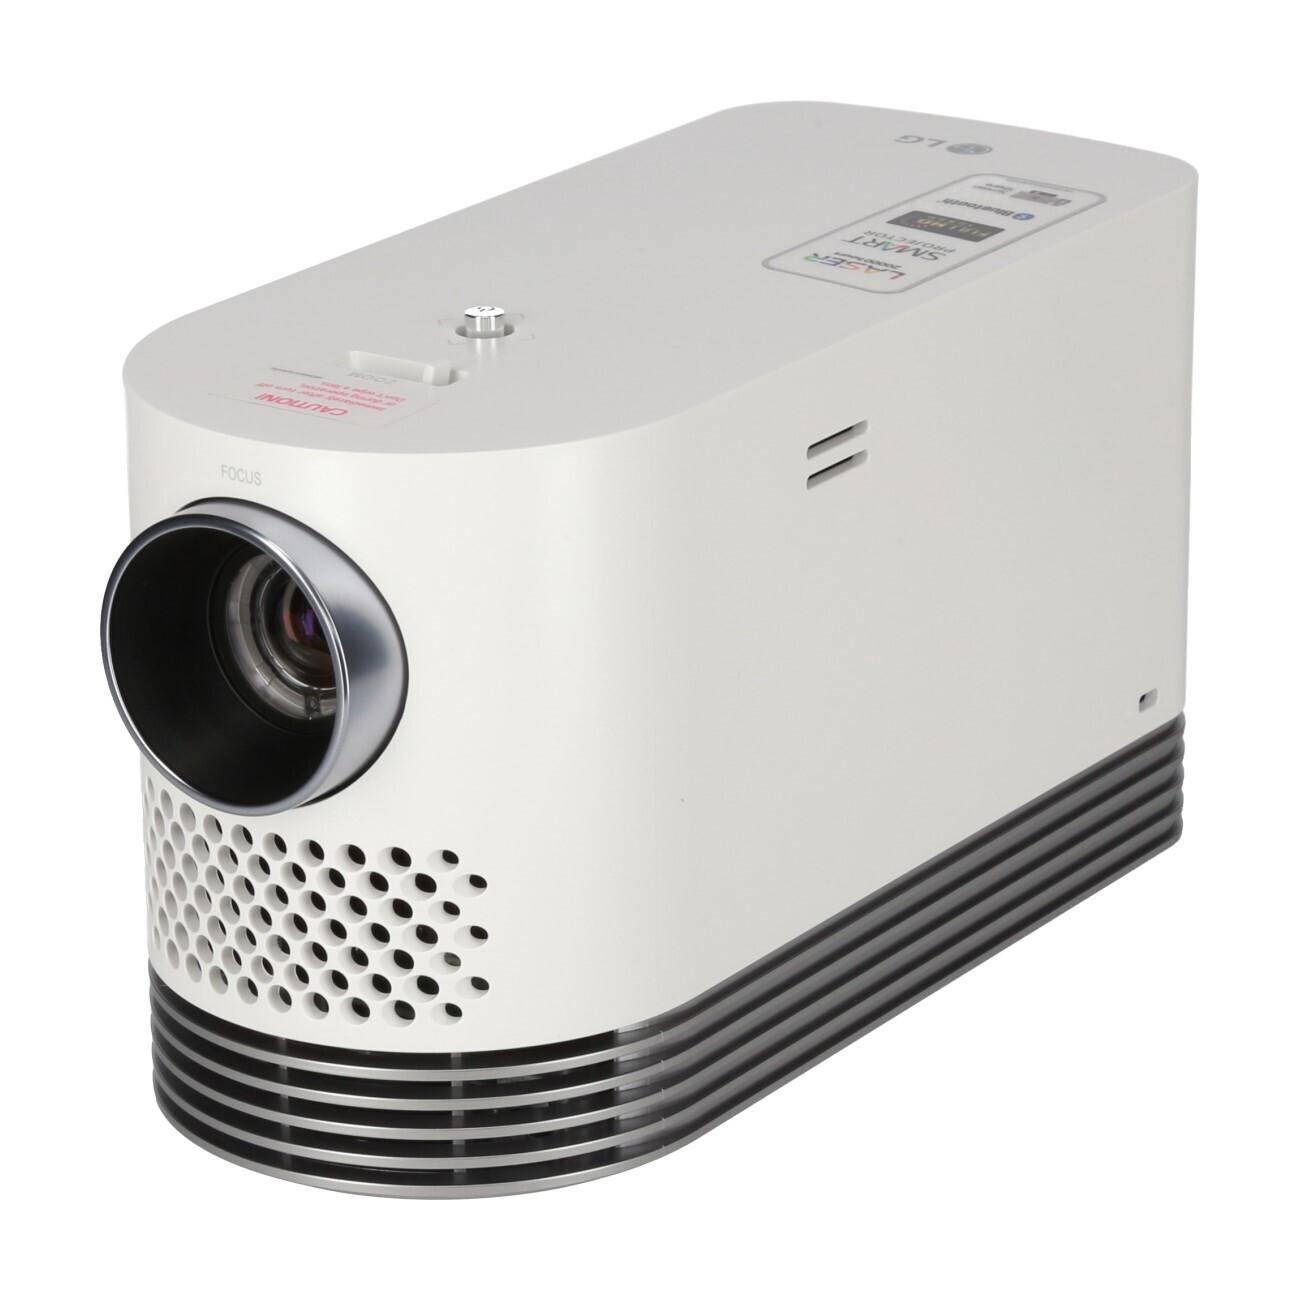 LG HF80JG Mini Beamer mit 2000 ANSI-Lumen und Full-HD Auflösung